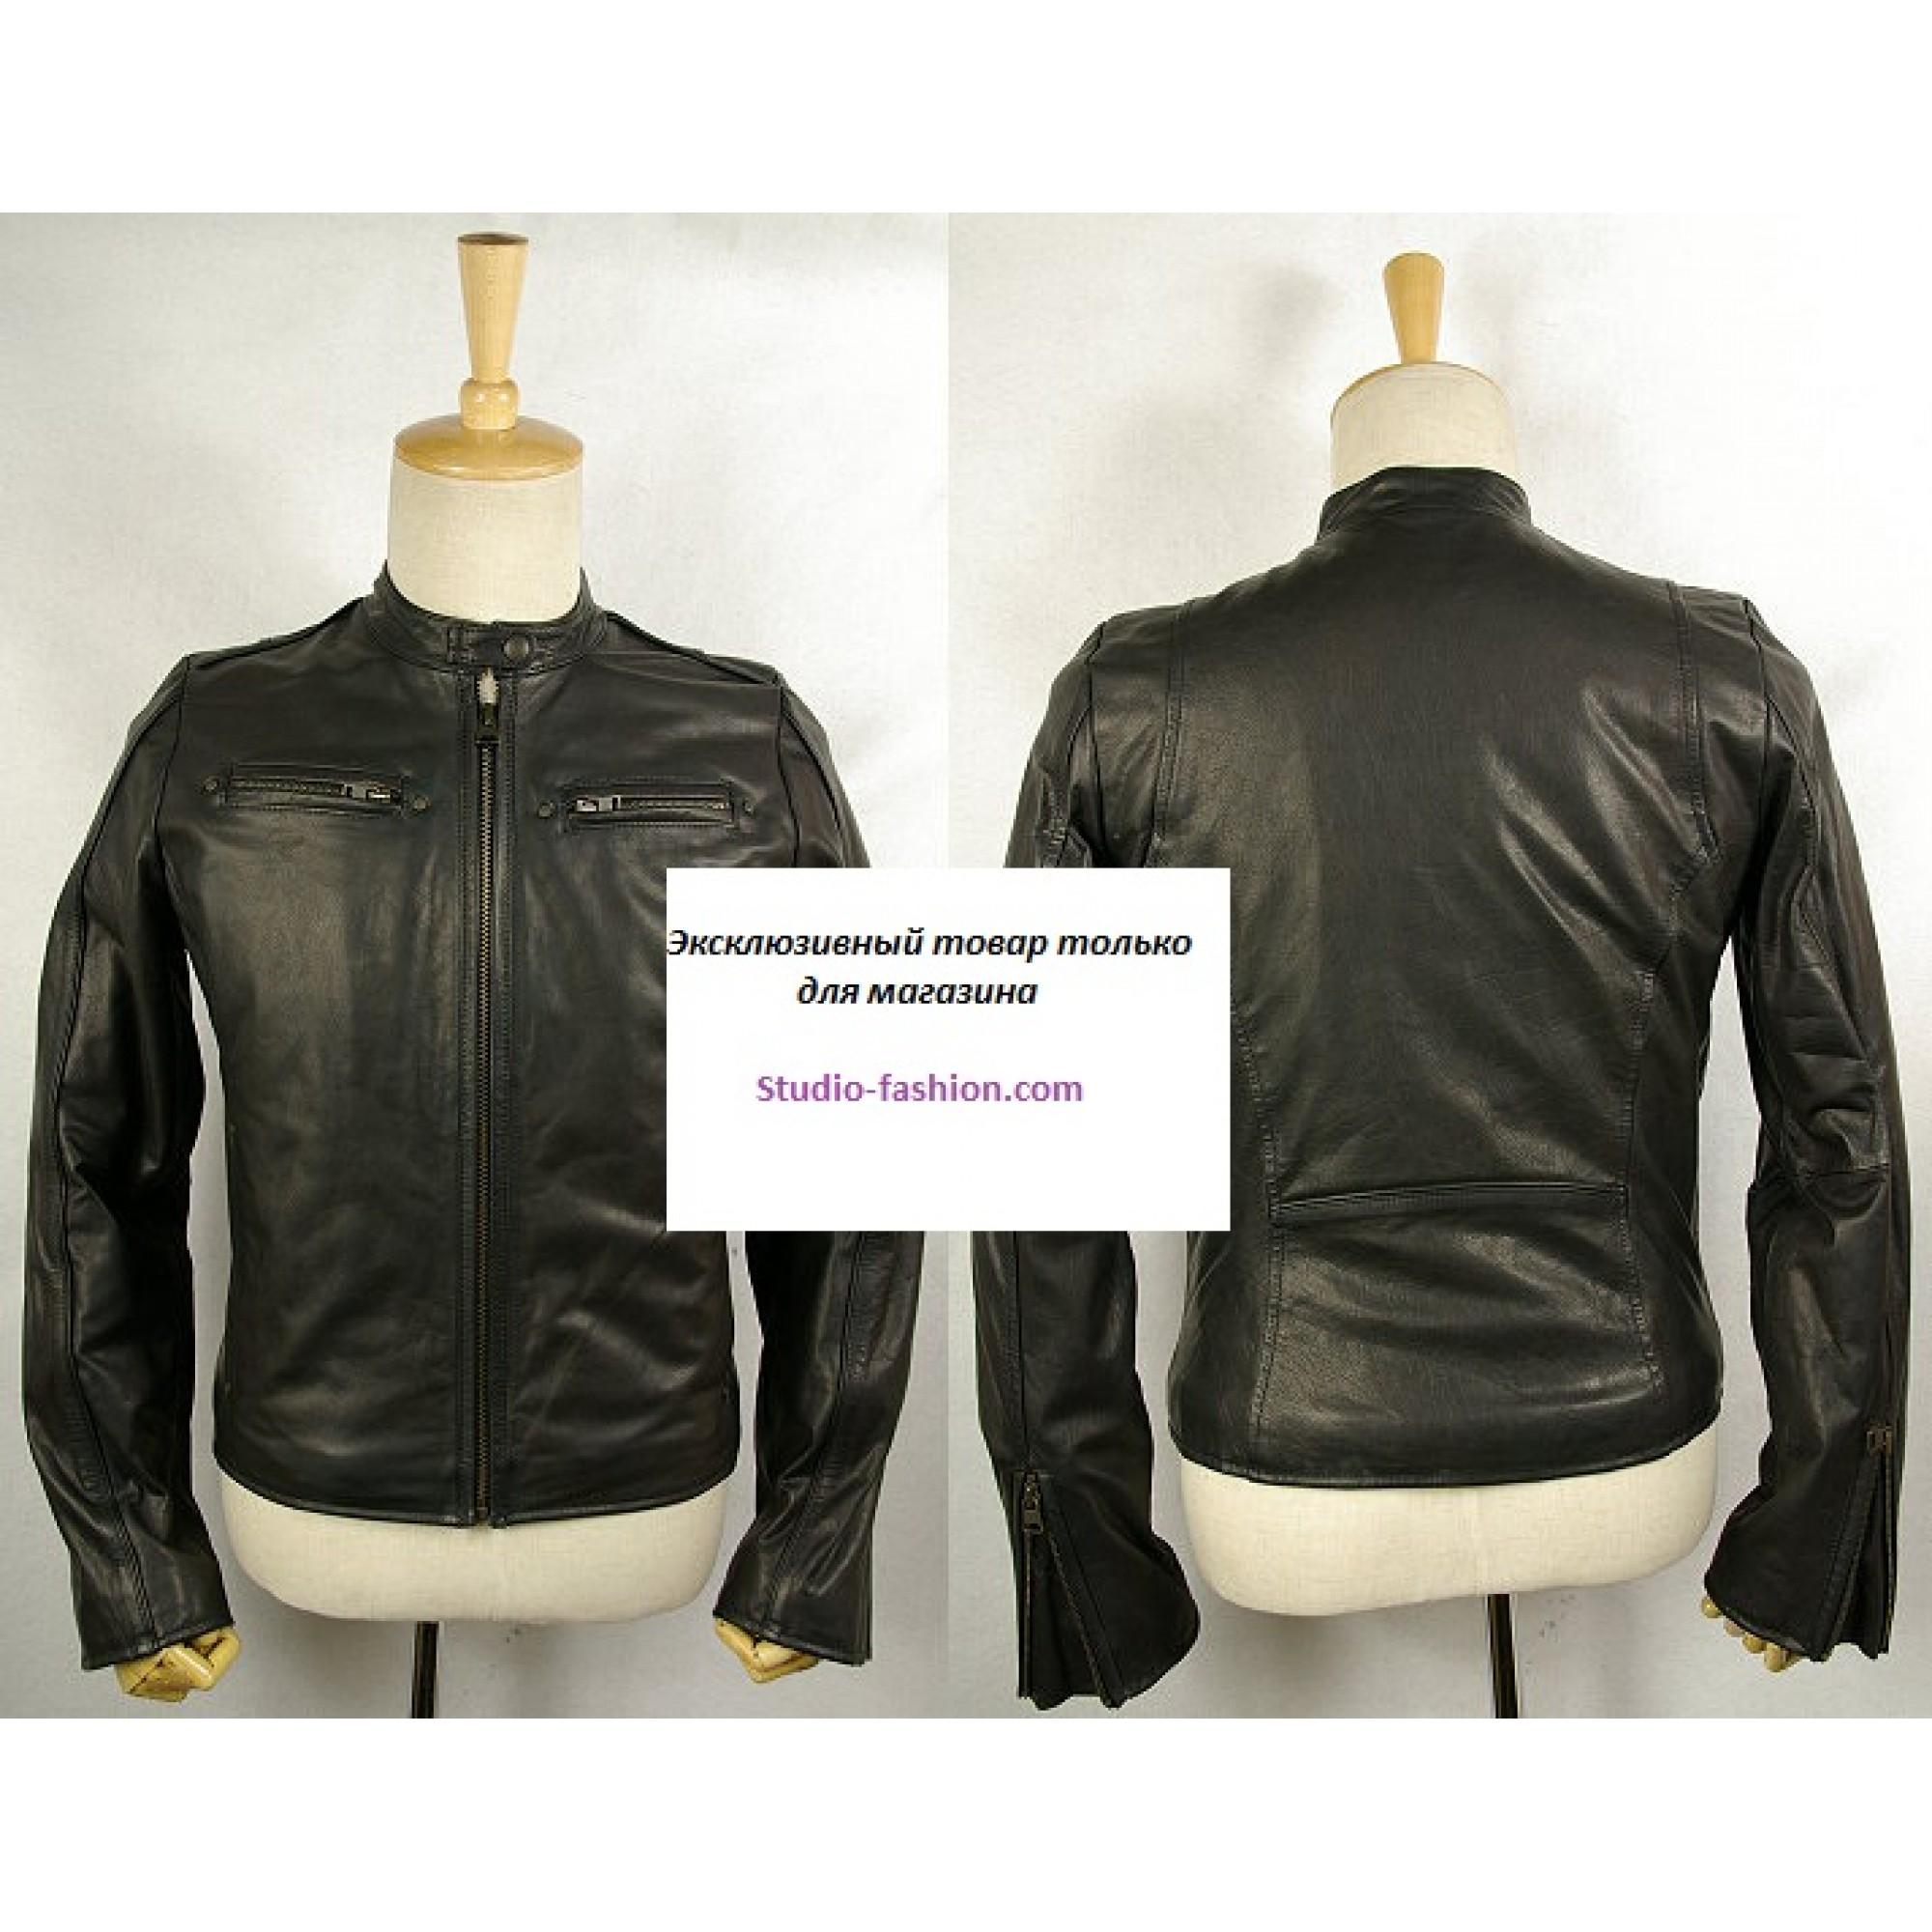 Купить черная куртка от Levi Strauss   Co. Levis — в Киеве 81b44c4f152d0